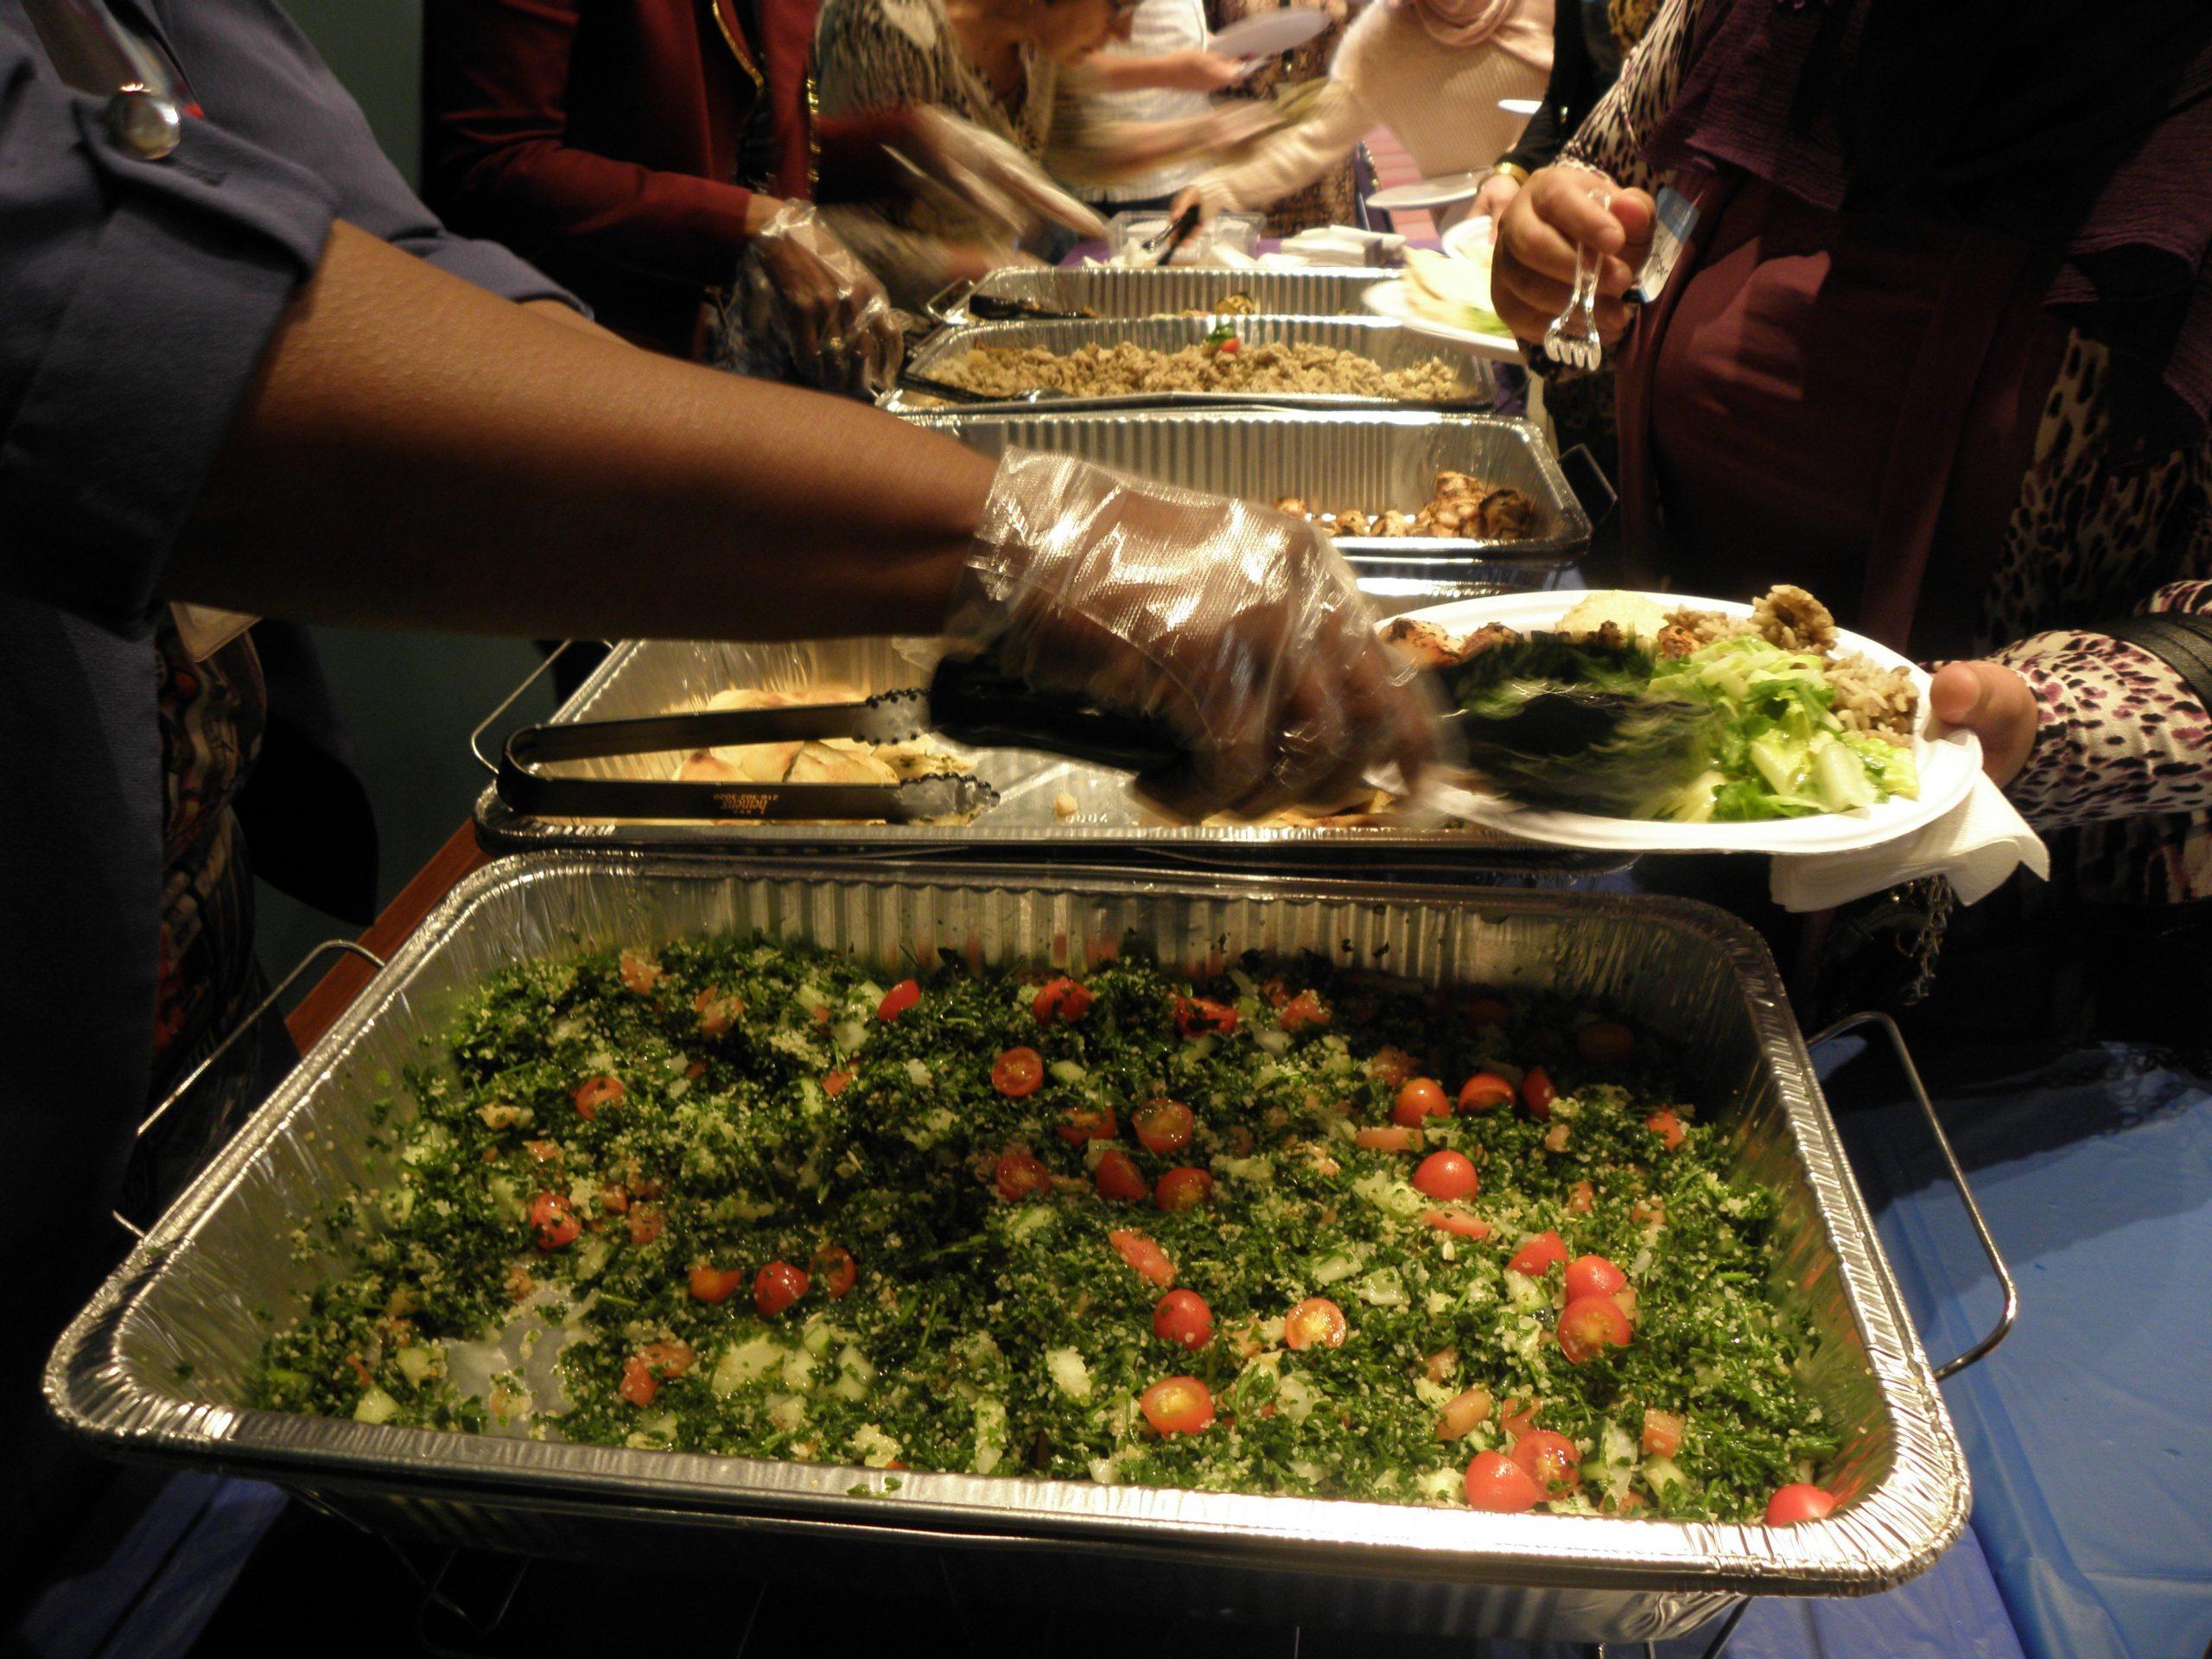 Food iin chapel, 9/16/19